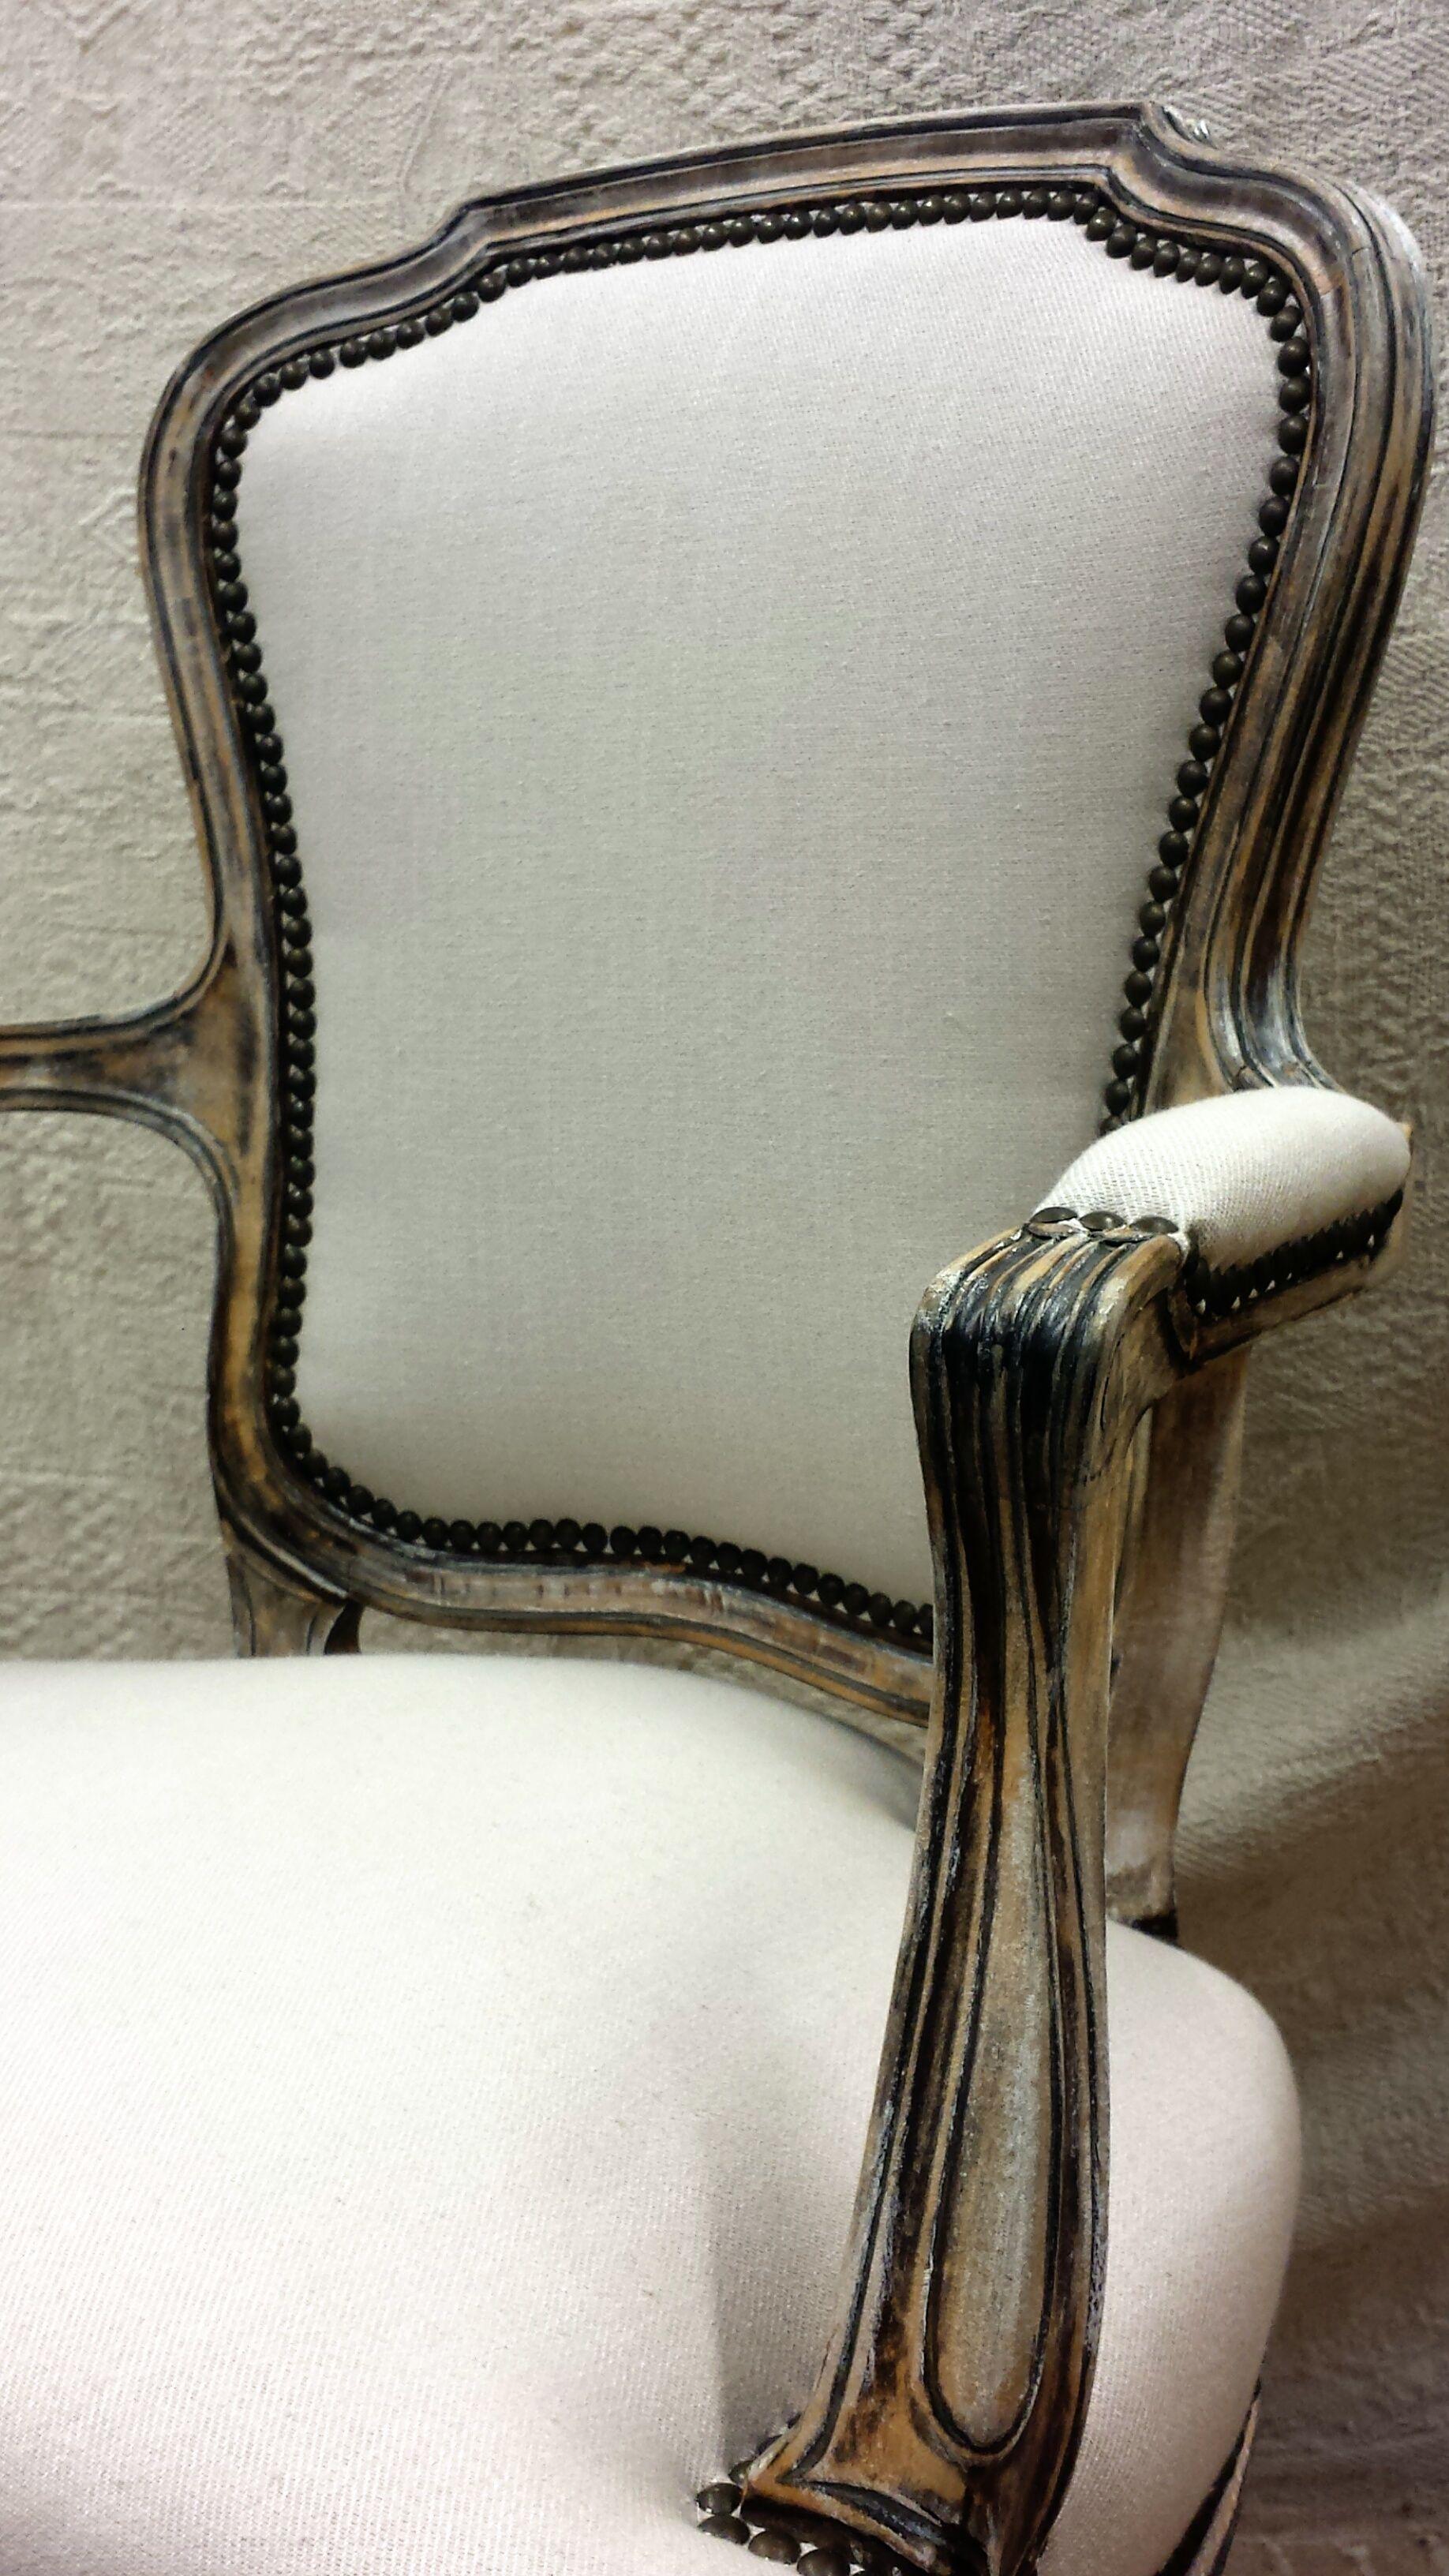 Sill N De Pata Curva Decapado Como Madera Envejecida Recreando El  # Muebles Tapizados En Tela